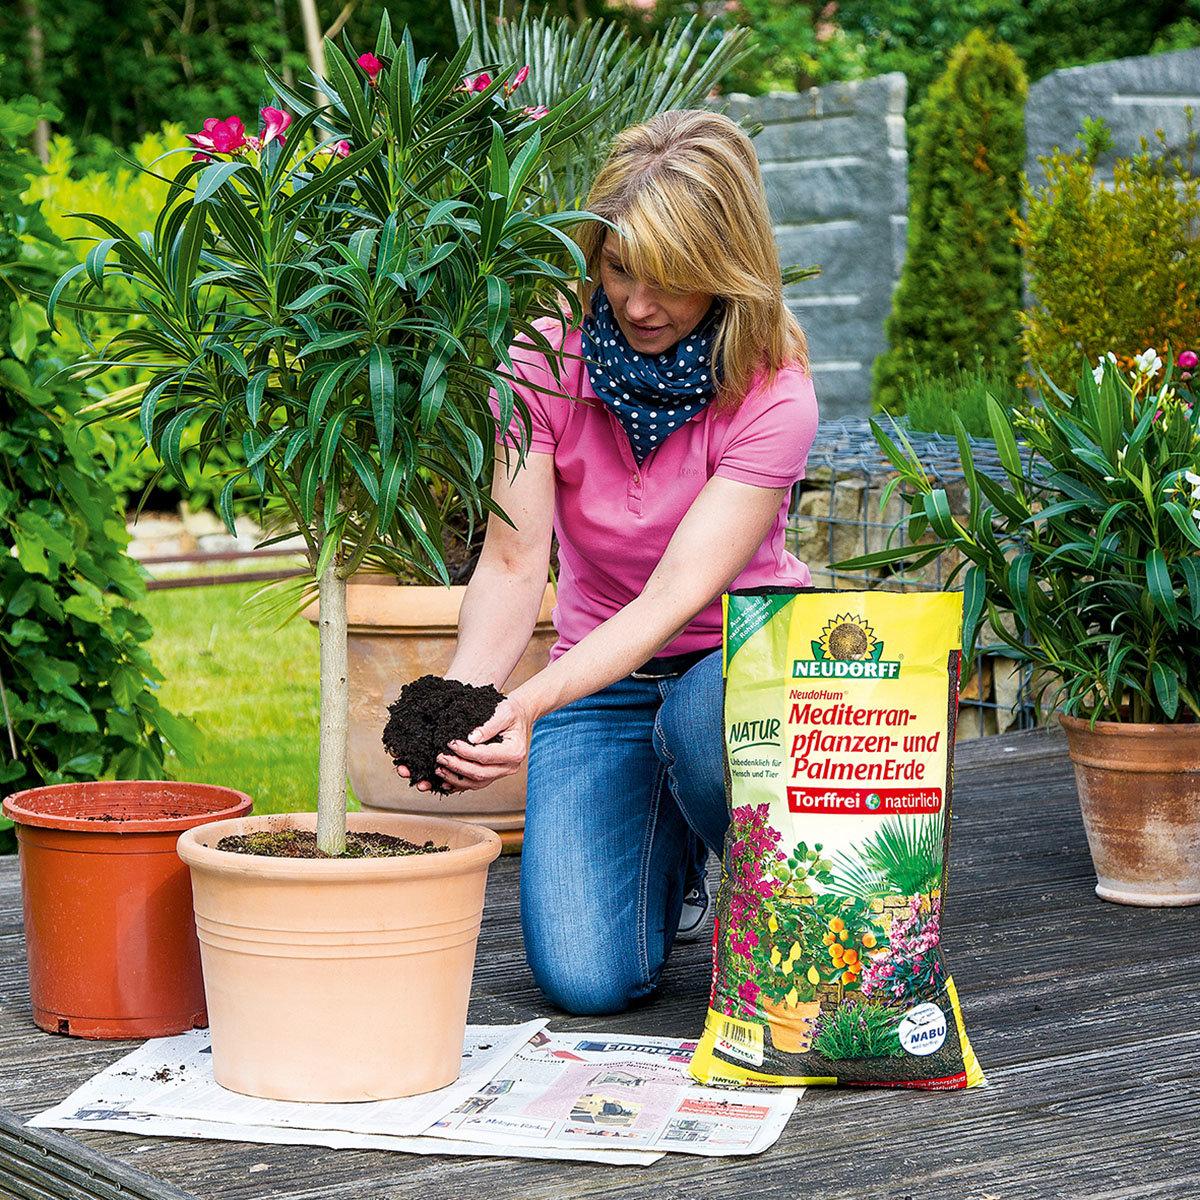 NeudoHum® Mediterranpflanzen- und Palmenerde, 10 Liter   #3